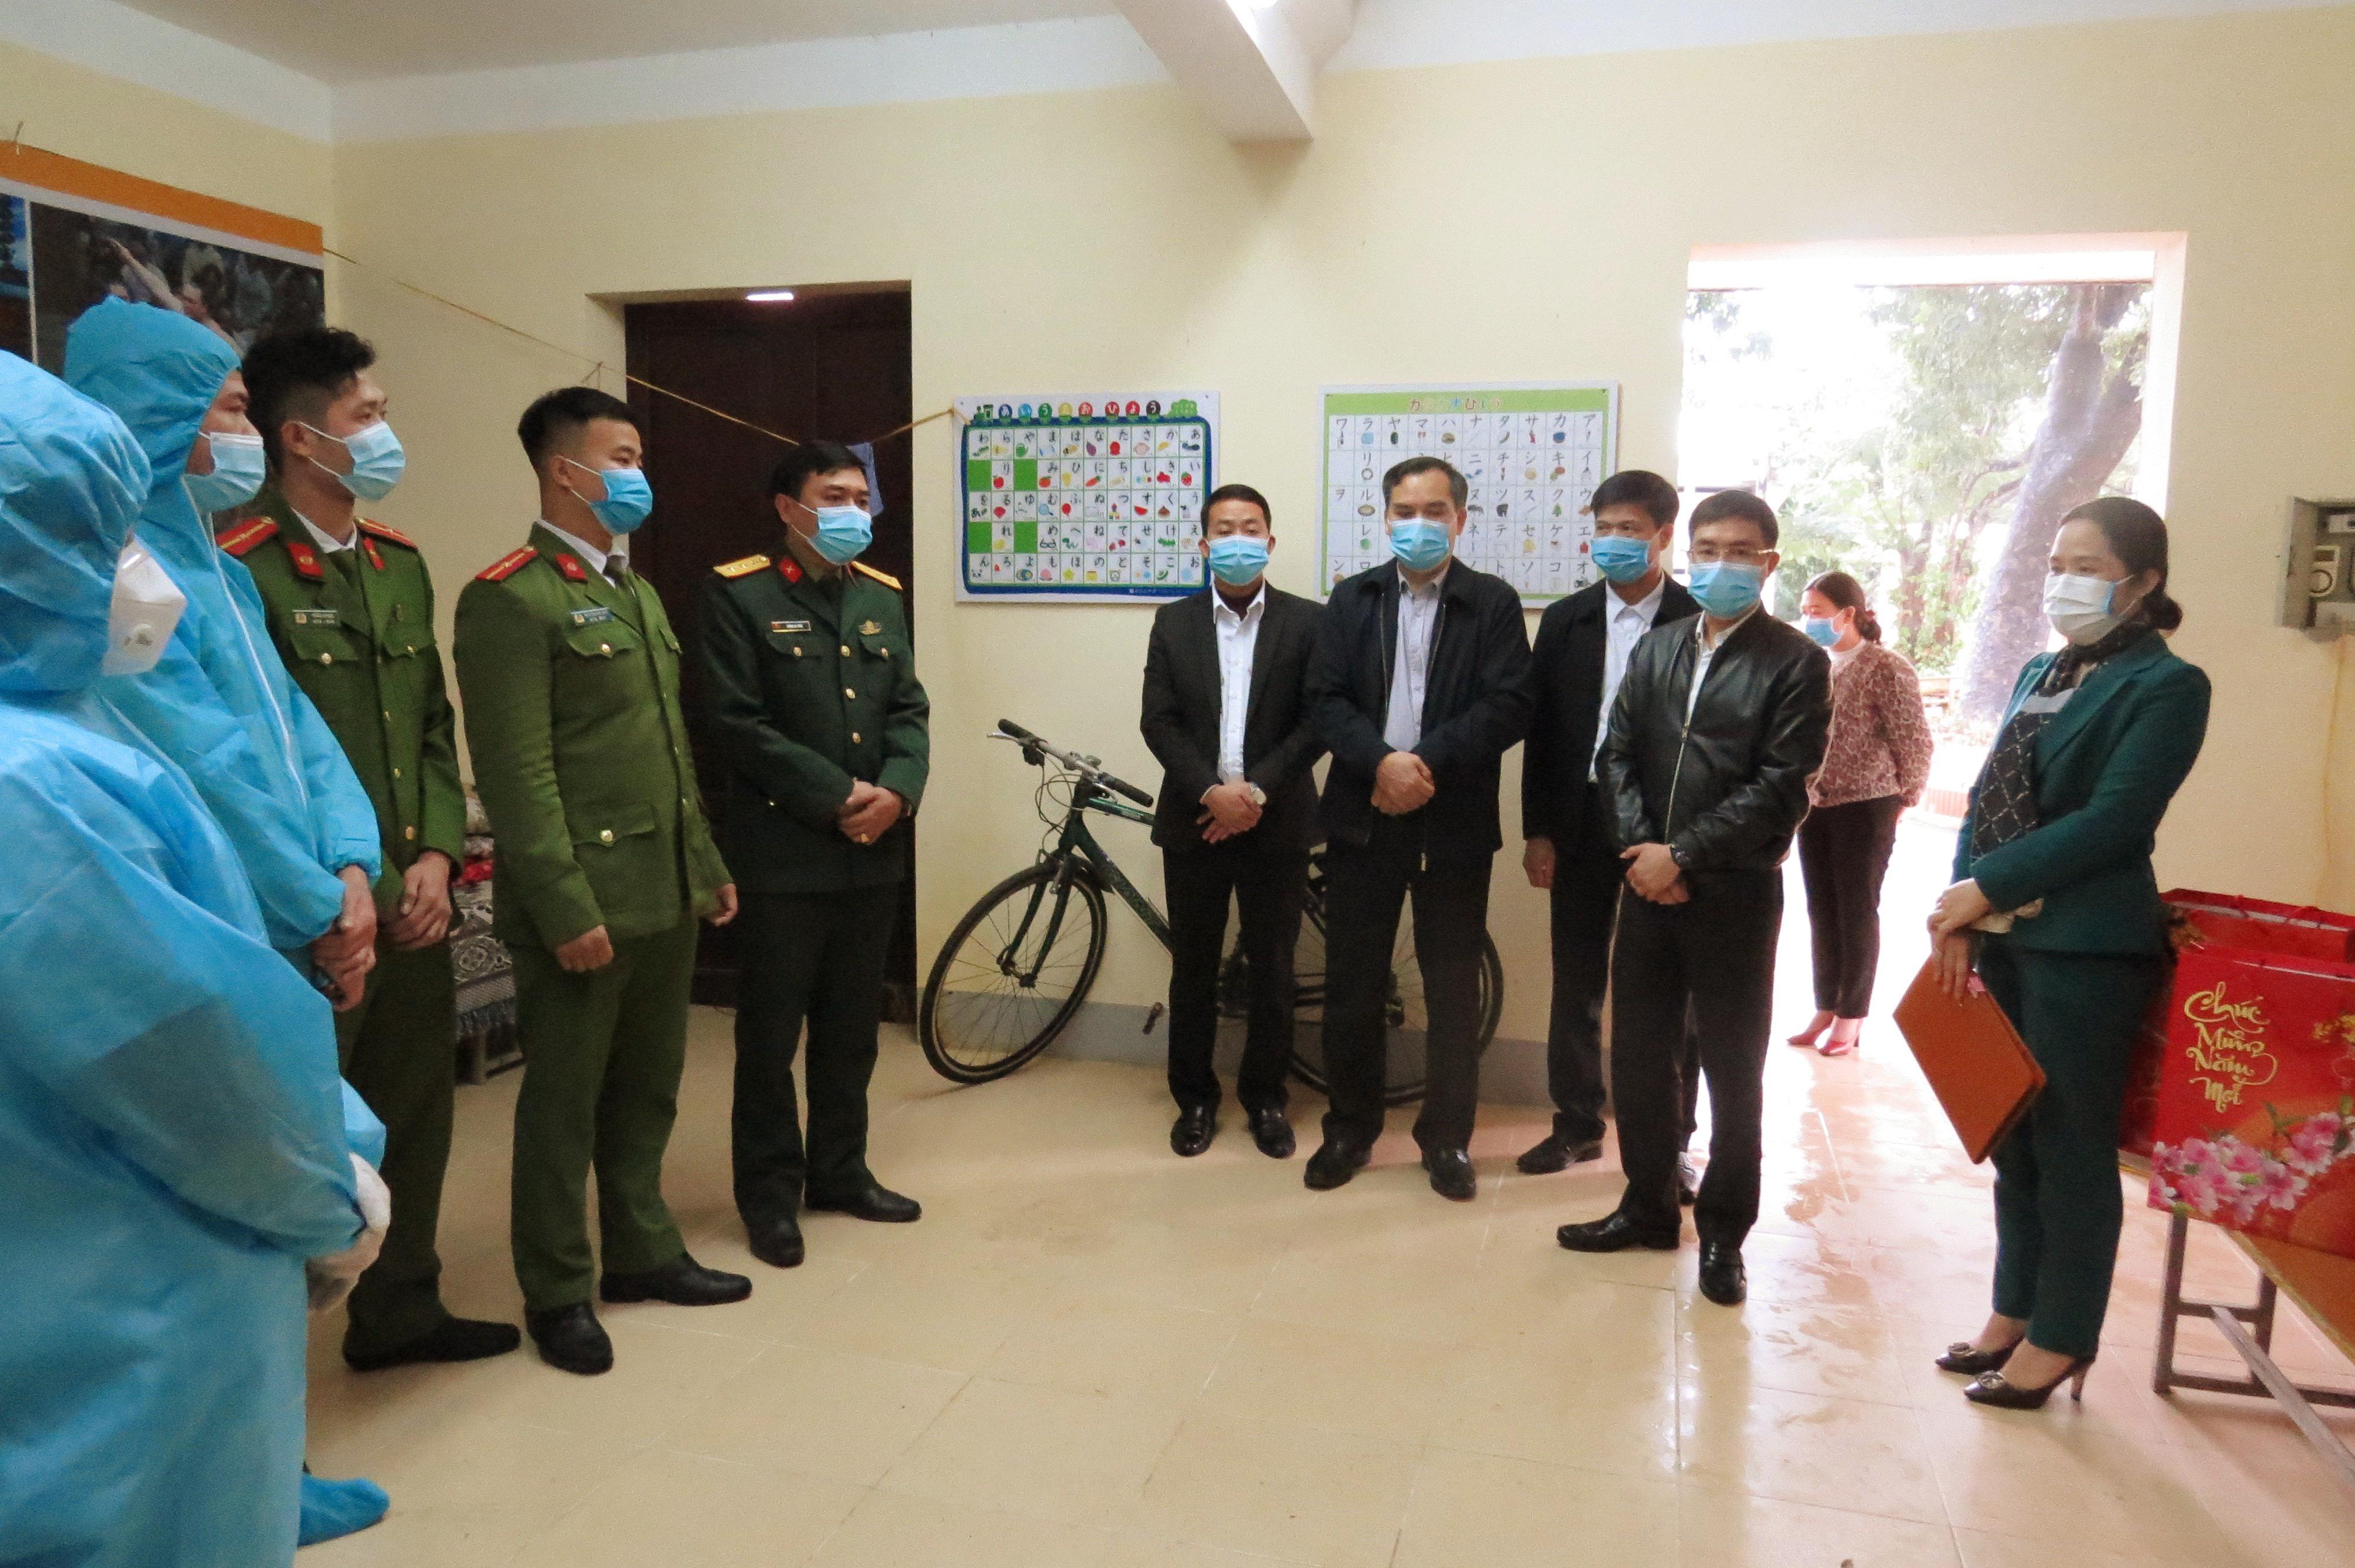 Thành phố Tam Điệp tạm dừng các hoạt động tập trung đông người để phòng chống dịch covid-19